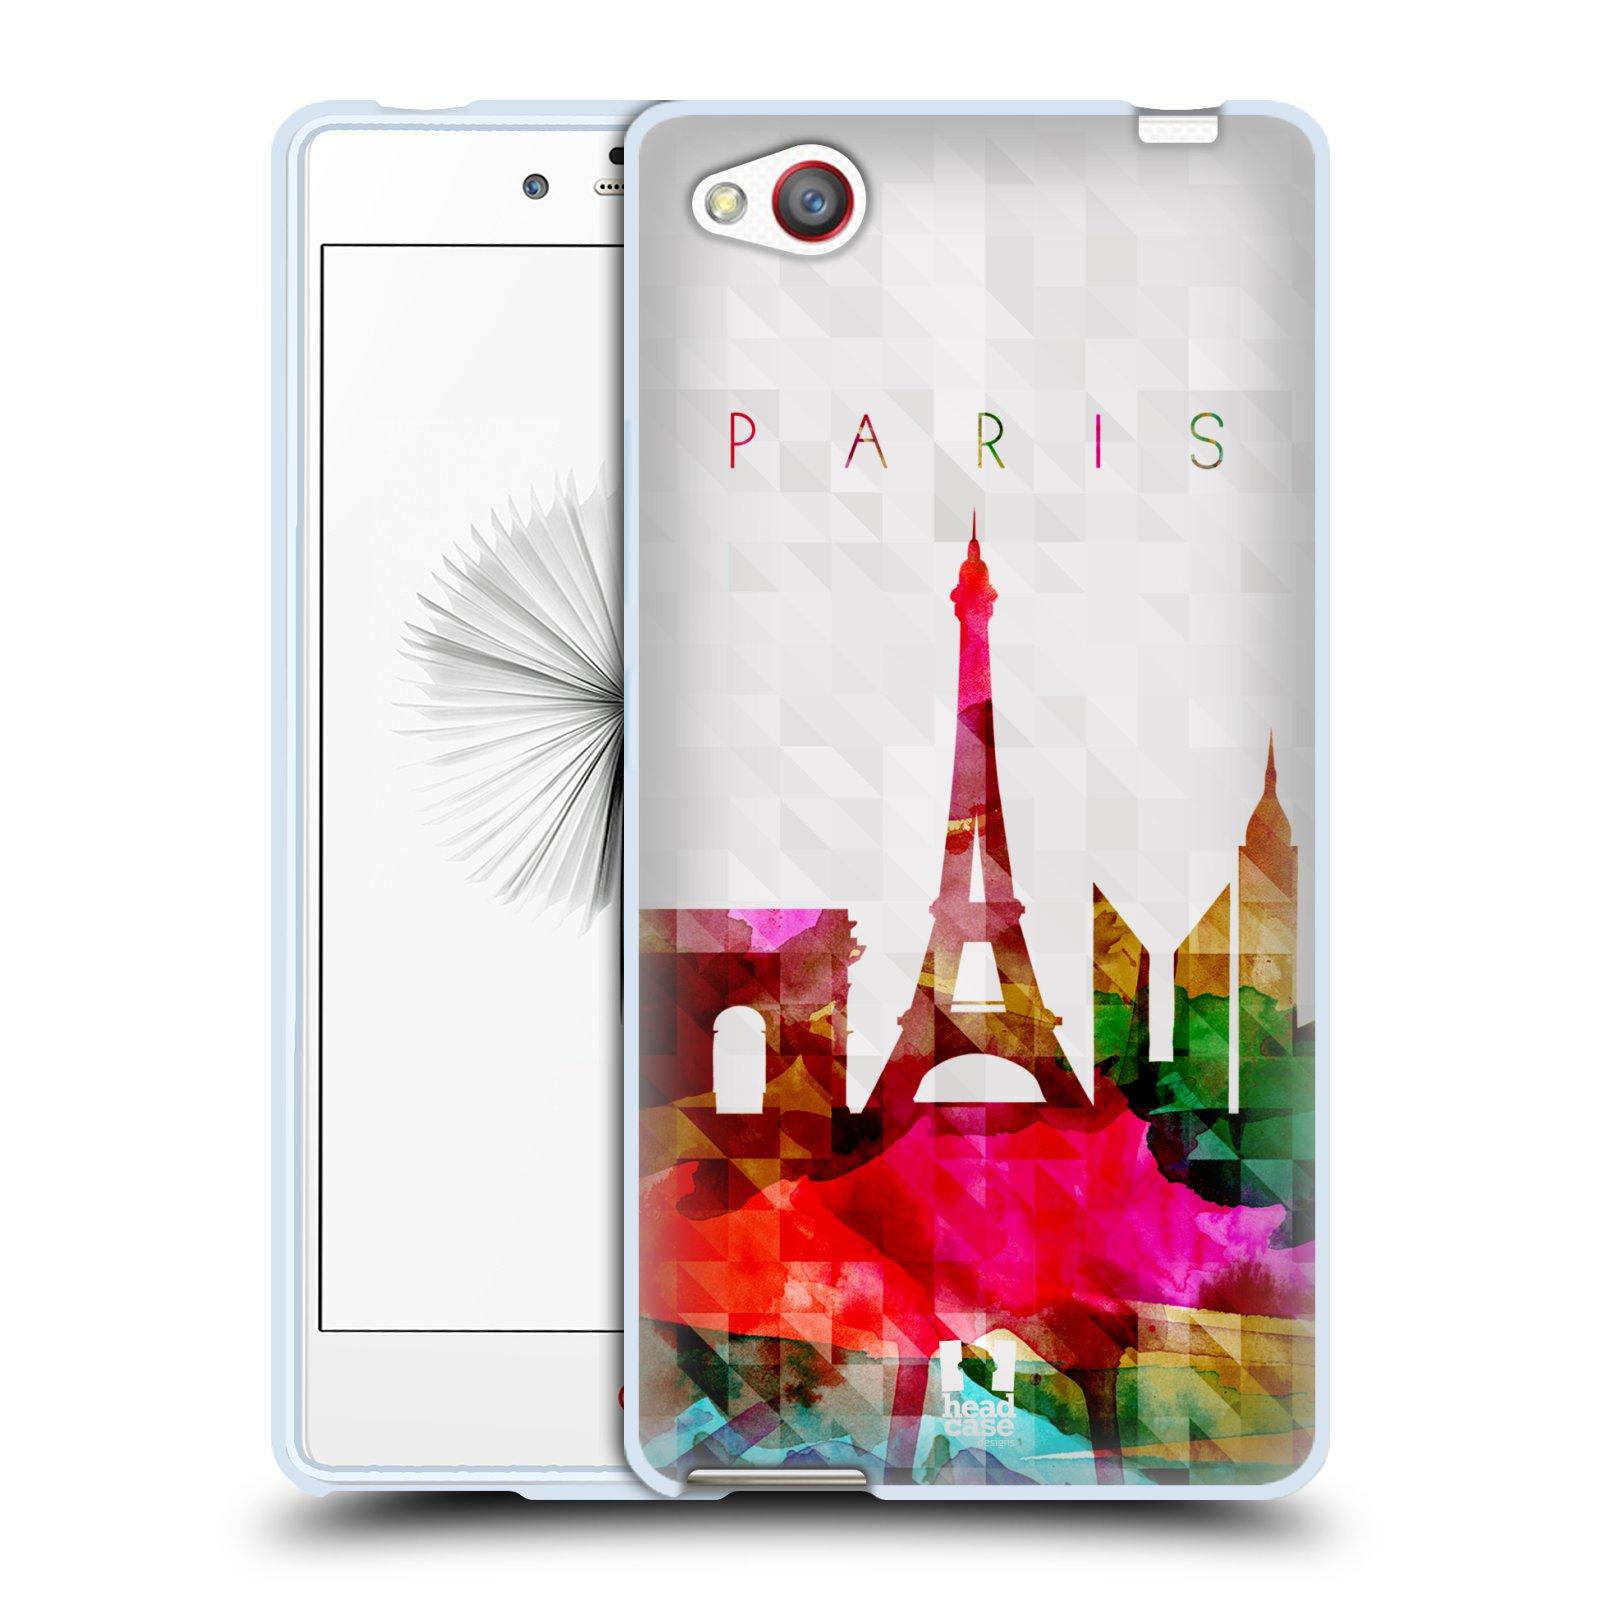 HEAD CASE silikonový obal na mobil ZTE NUBIA Z9 MINI vzor Vodní barva města silueta PAŘÍŽ FRANICE EIFFELOVA VĚŽ